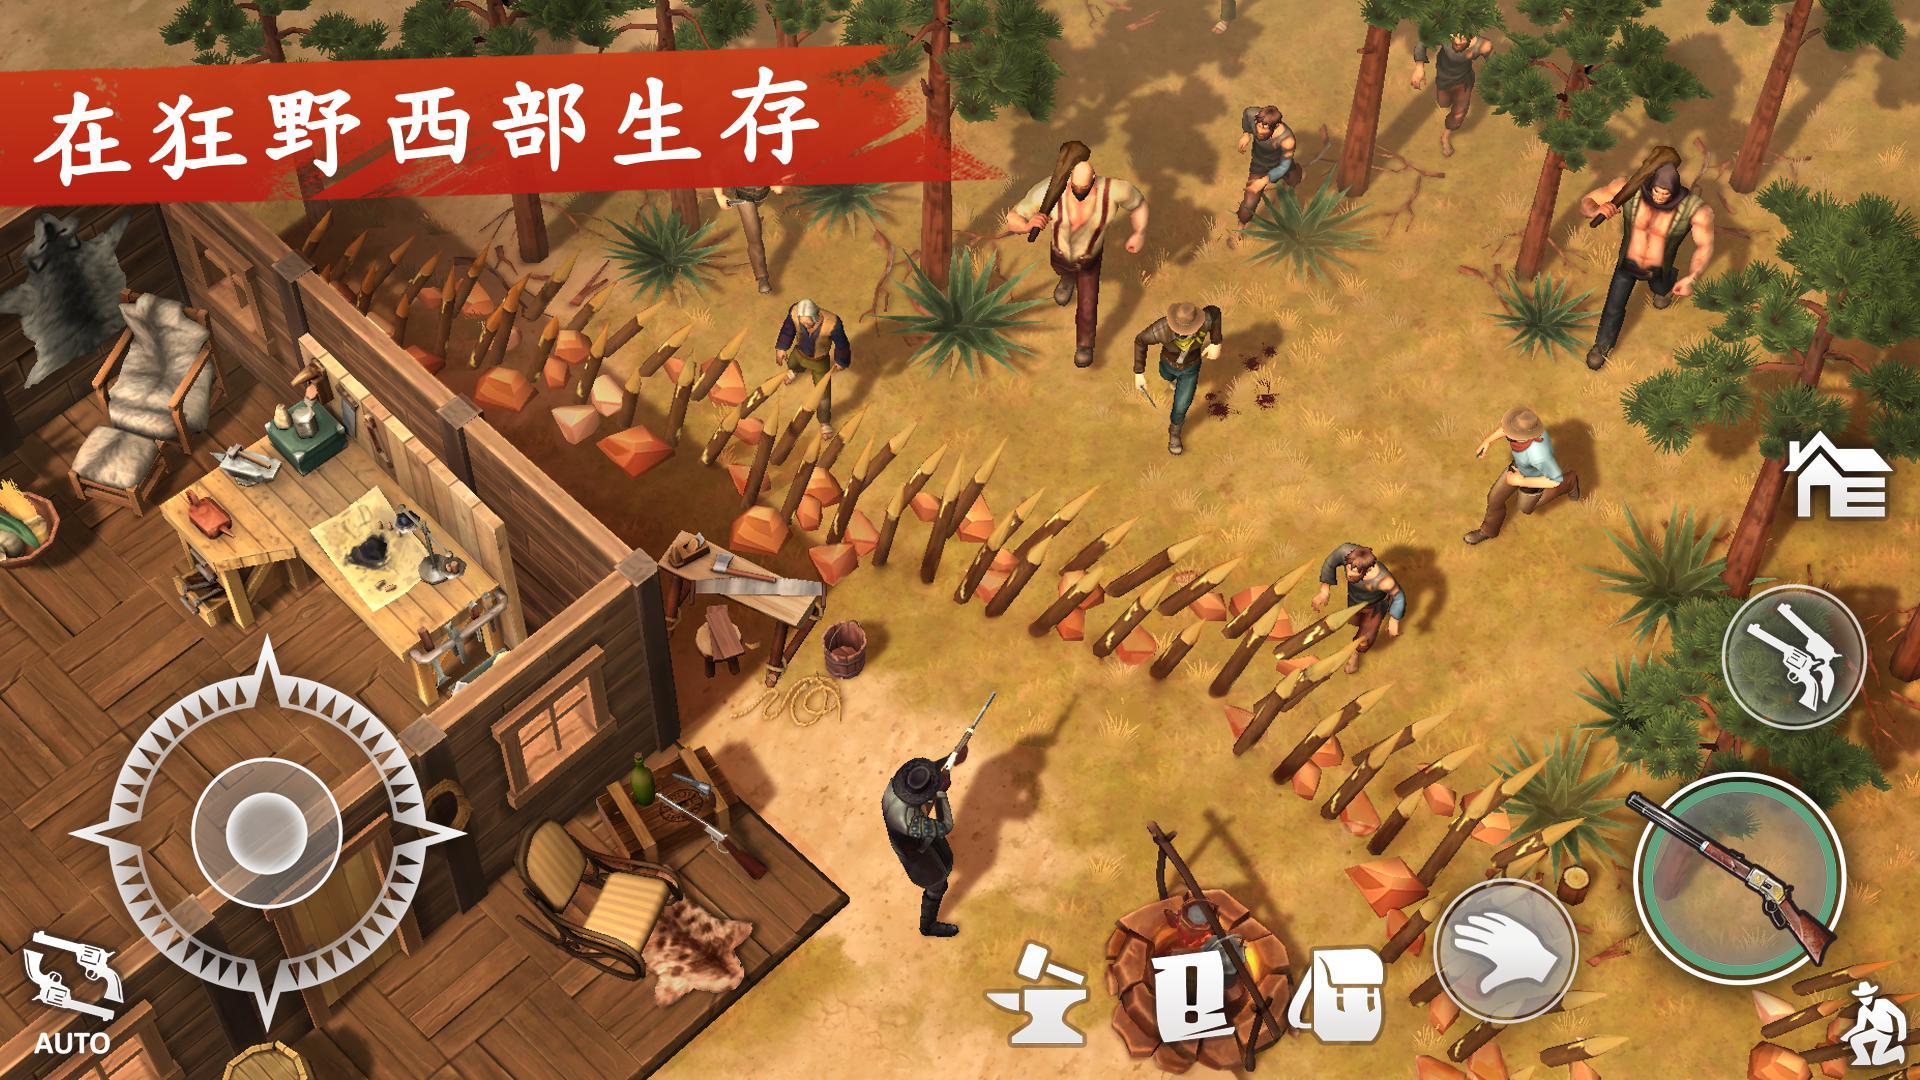 西部世界:生存 游戏截图1